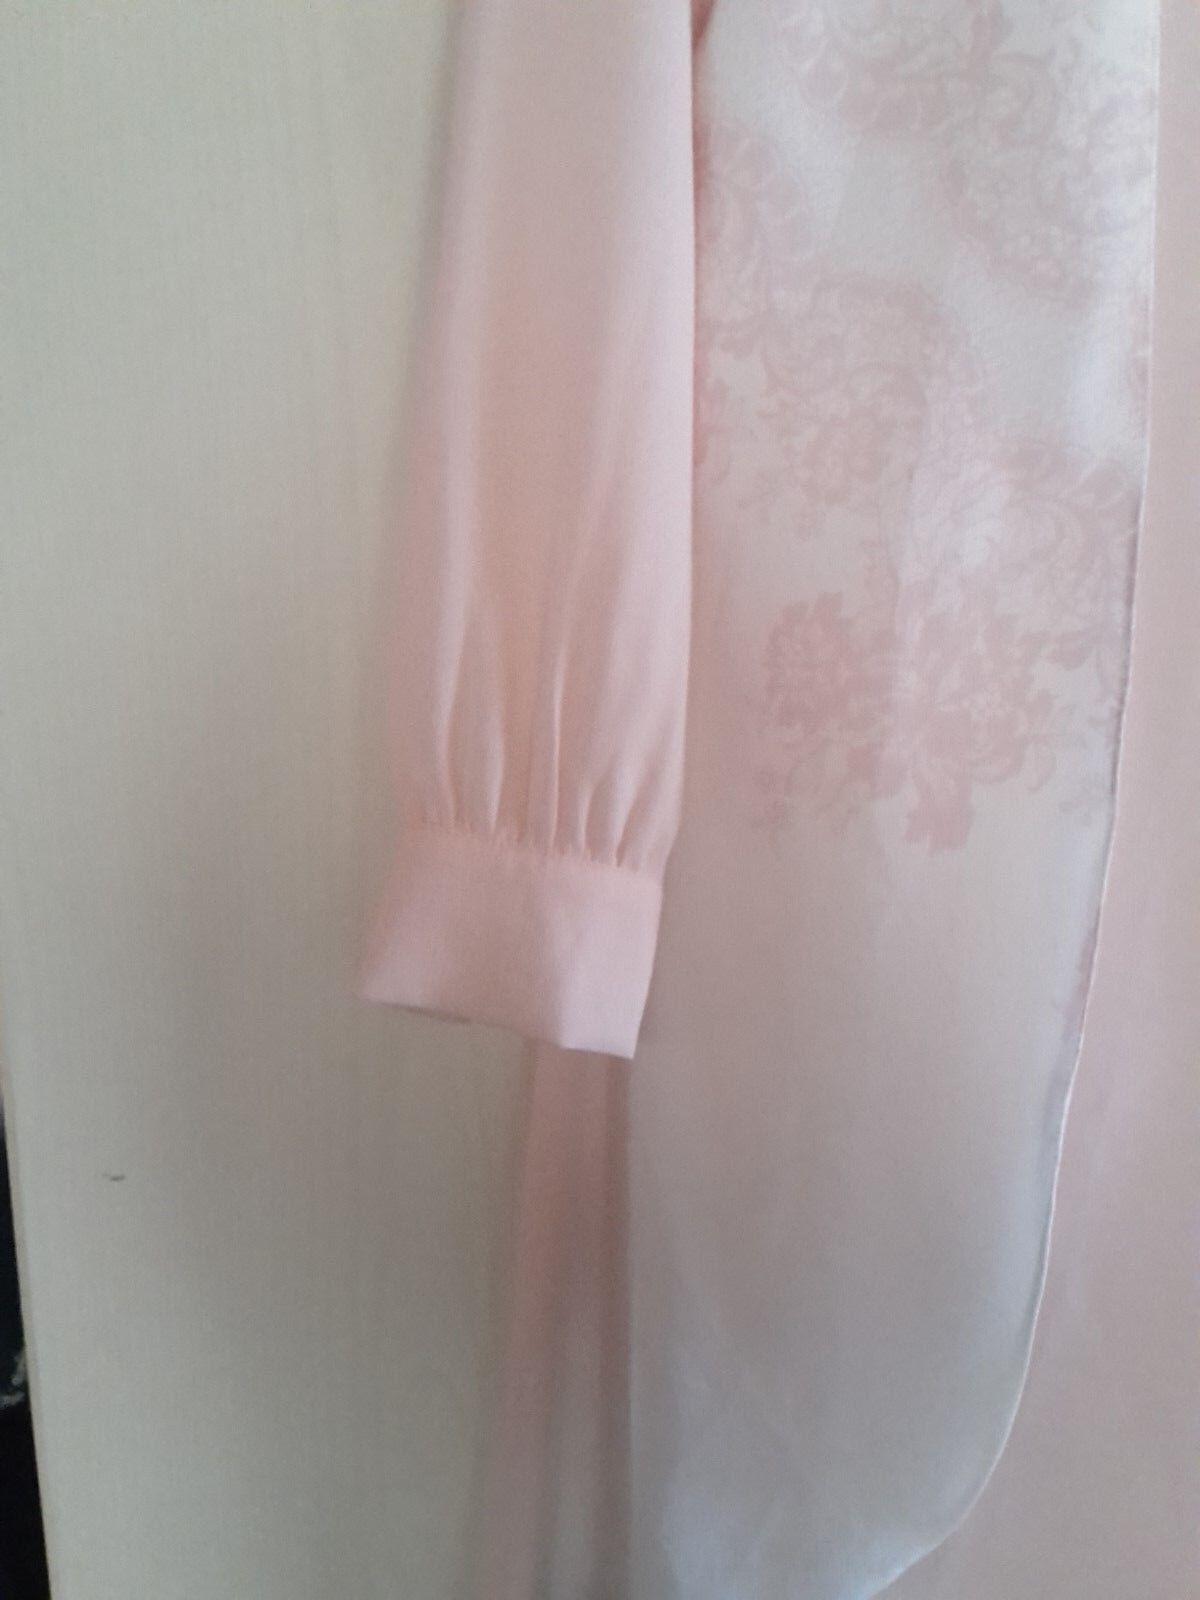 Damen Blause - Tunika lang in Rosa Gr. 38 38 38 NEU mit Etikett   Auktion    Exquisite Handwerkskunst    Sonderangebot    Stabile Qualität    Shopping Online  d8faf4